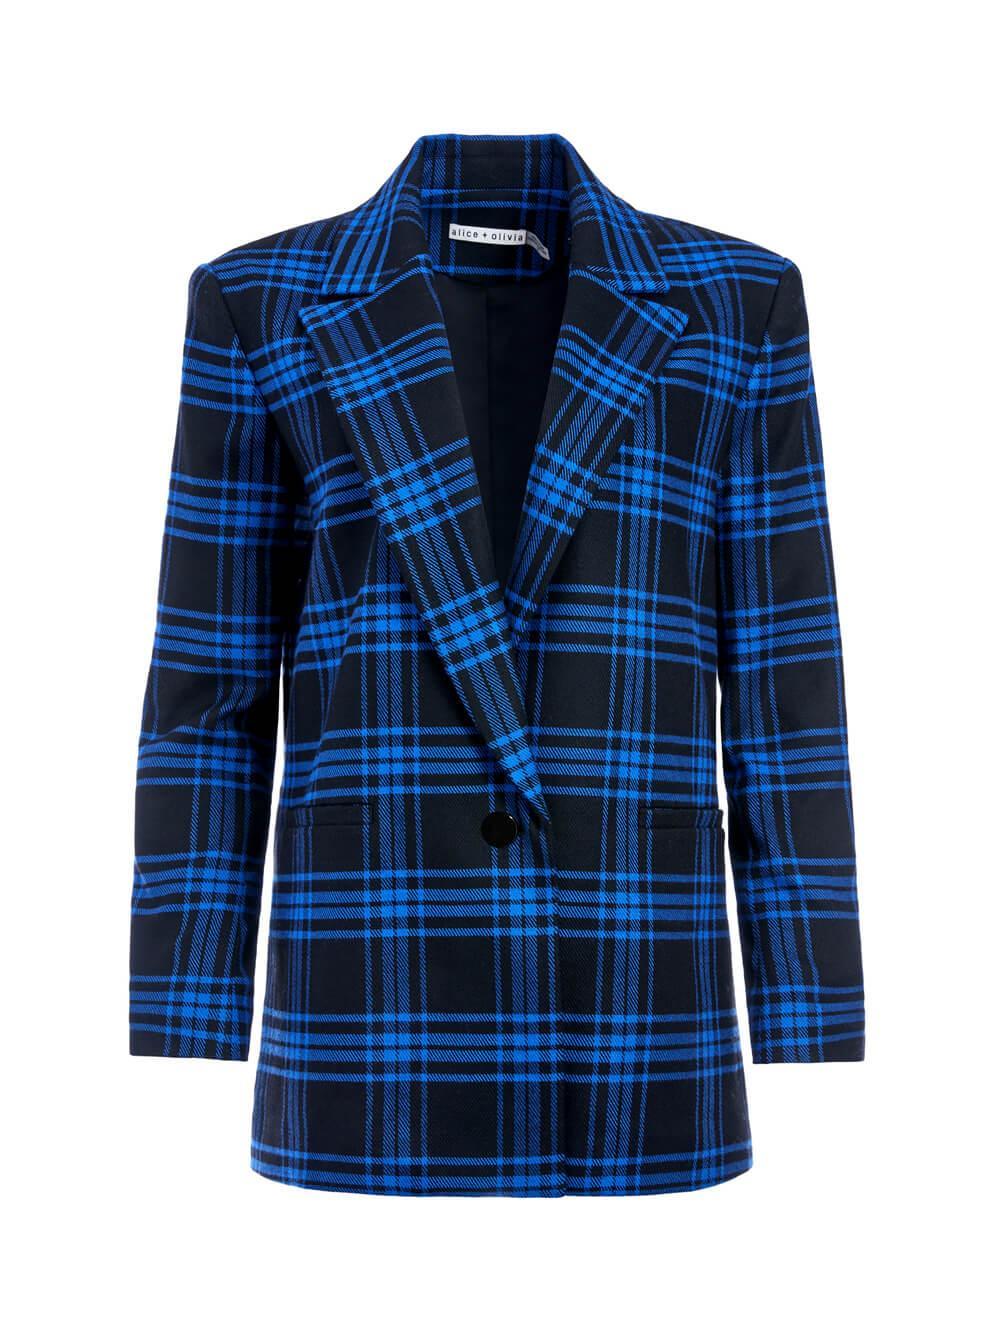 Denny Notch Collar Boyfriend Blazer Item # CC010R24204